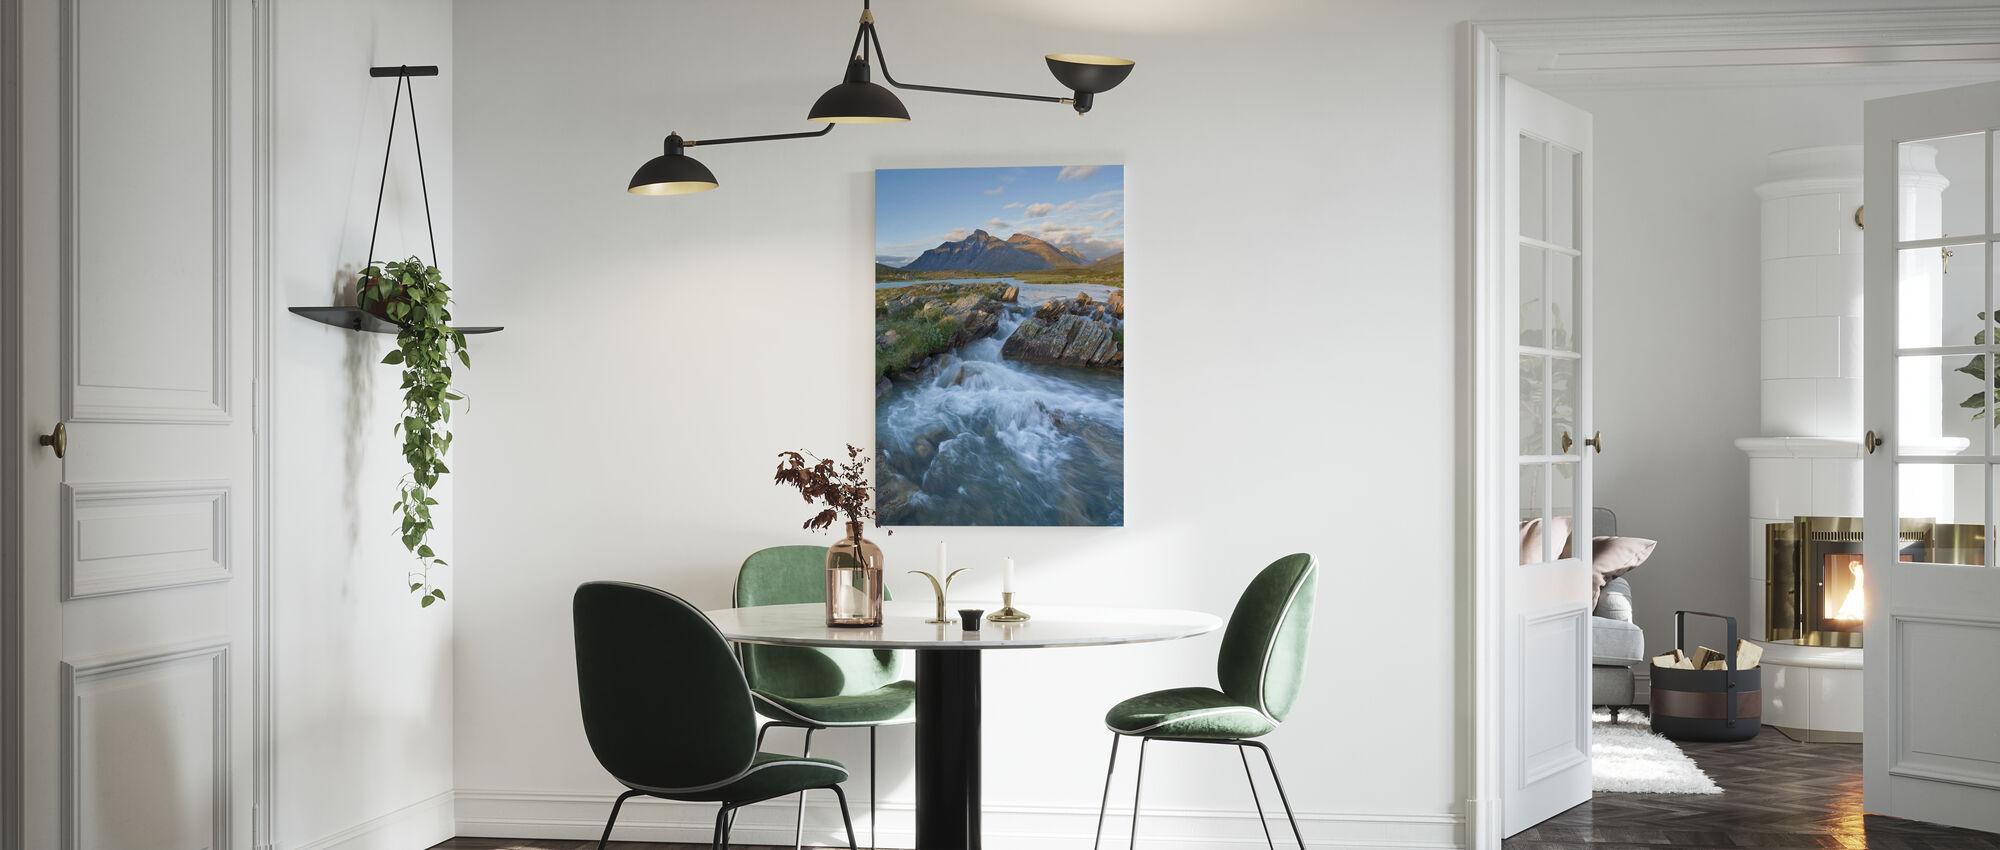 Stream in Sarek National Park, Sweden - Canvas print - Kitchen